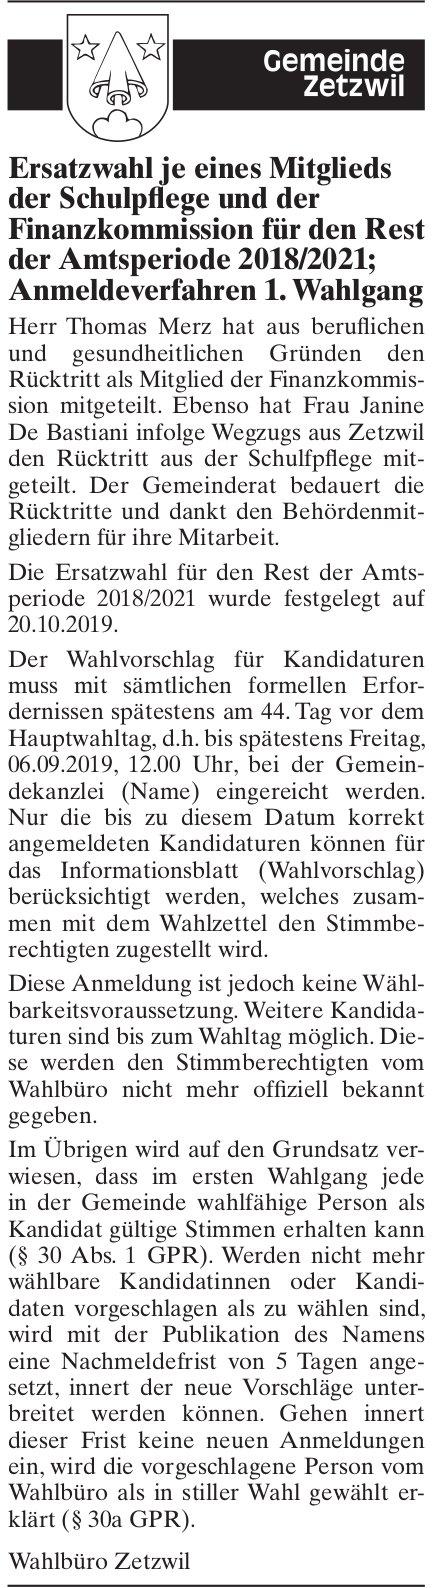 Ersatzwahl je eines Mitglieds der Schulpflege und der Finanzkommission, Zetzwil